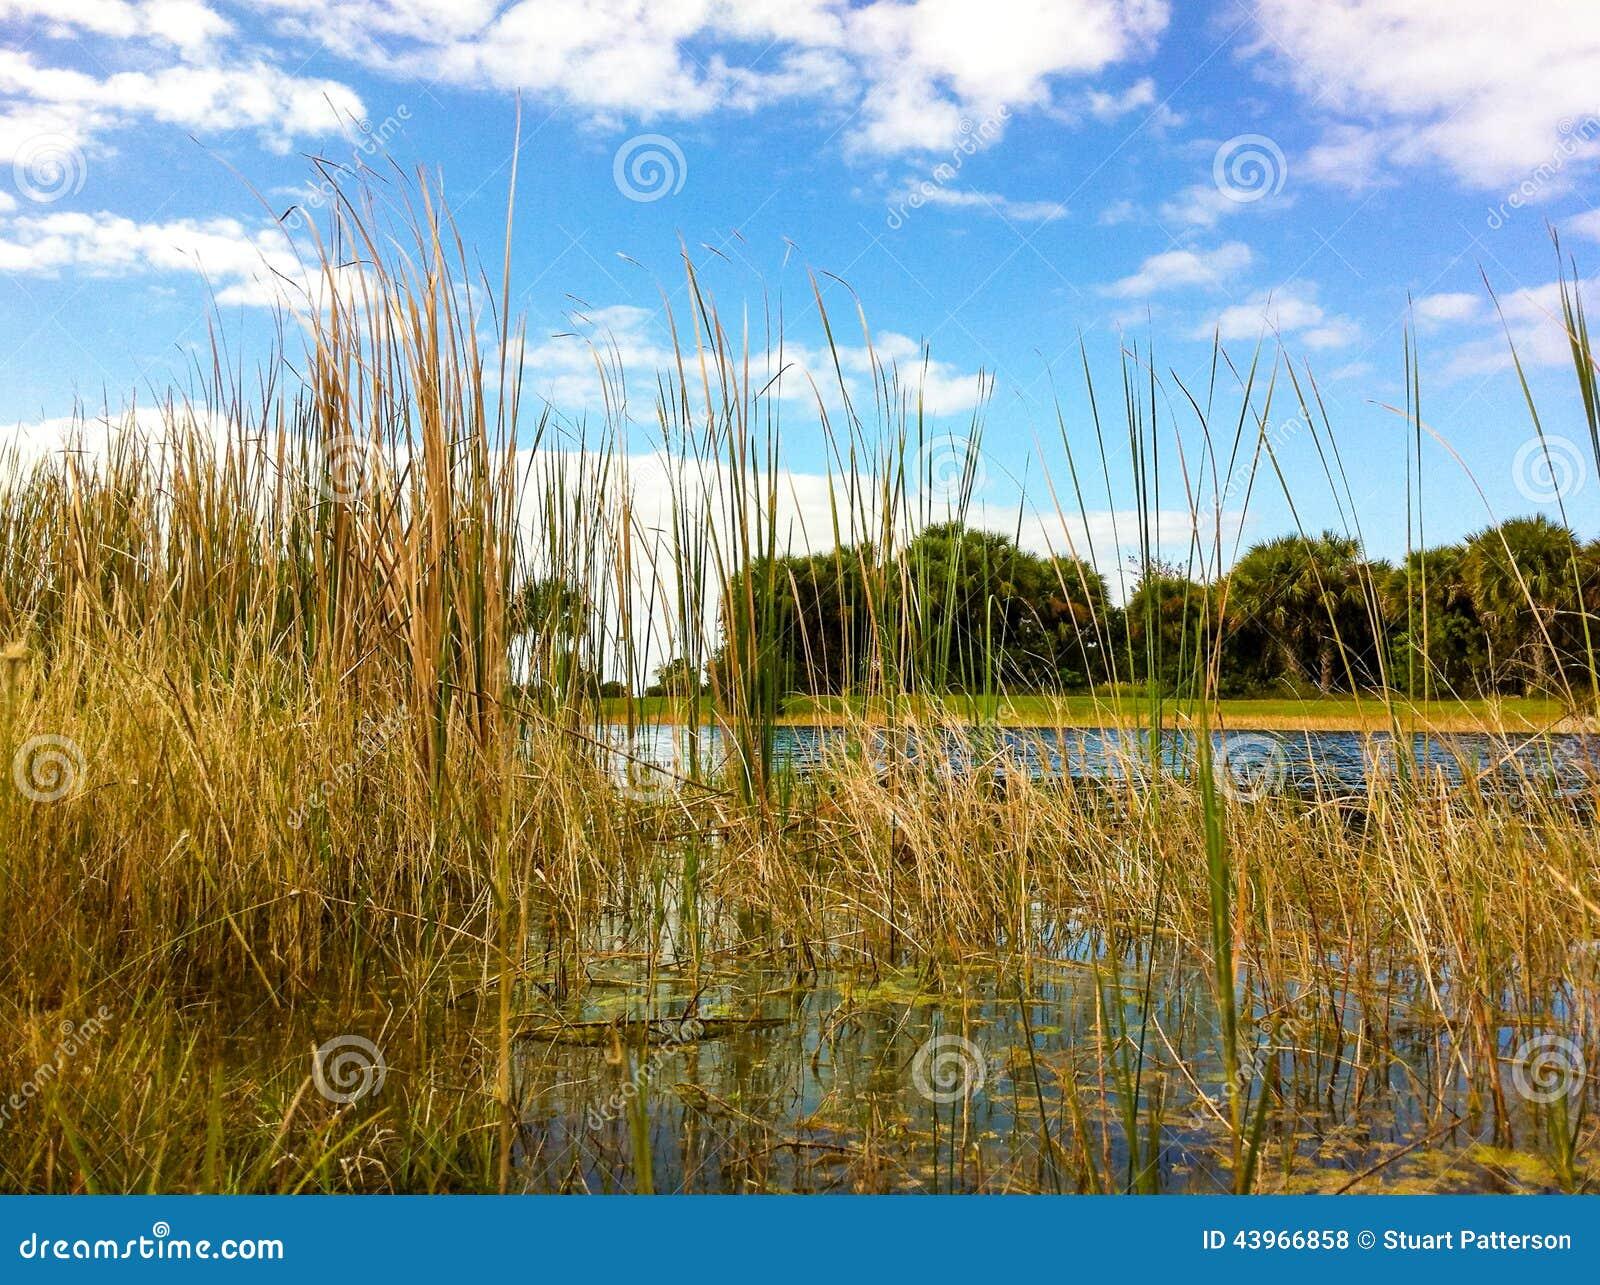 blauer himmel teich und vegetation stockfoto bild 43966858. Black Bedroom Furniture Sets. Home Design Ideas